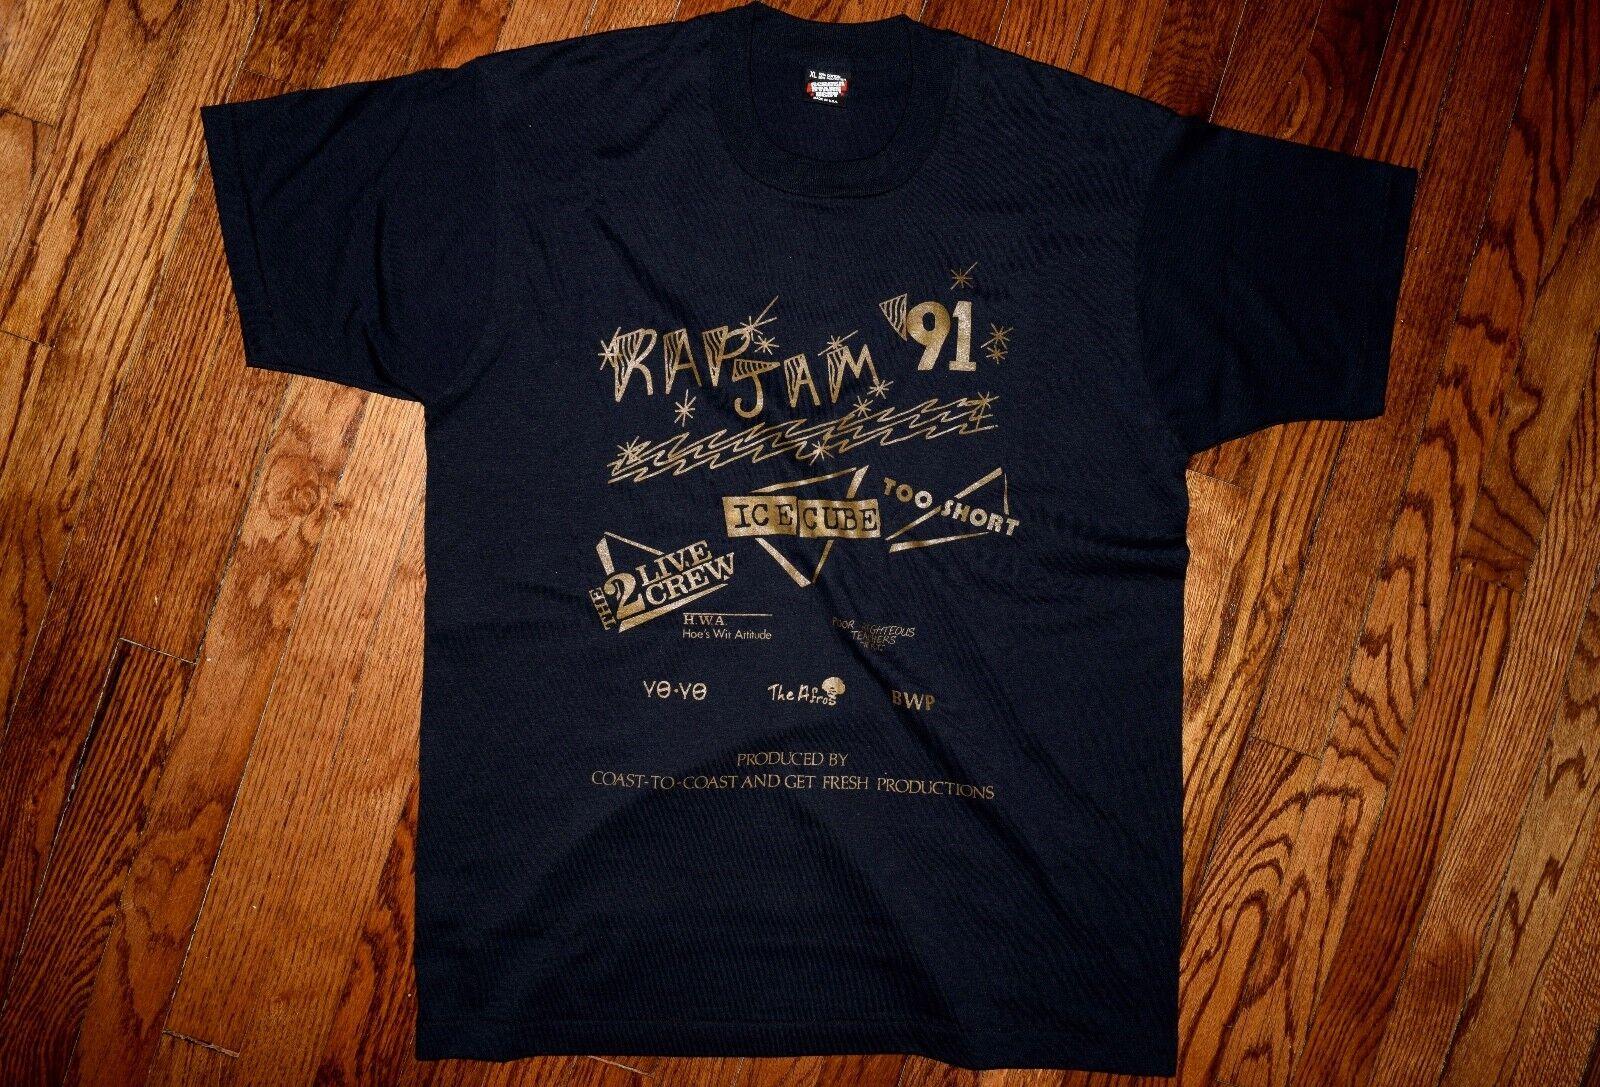 Rap Jam 1991 2 live crew too short hip hop vintage 90s concert ice cube T-shirt